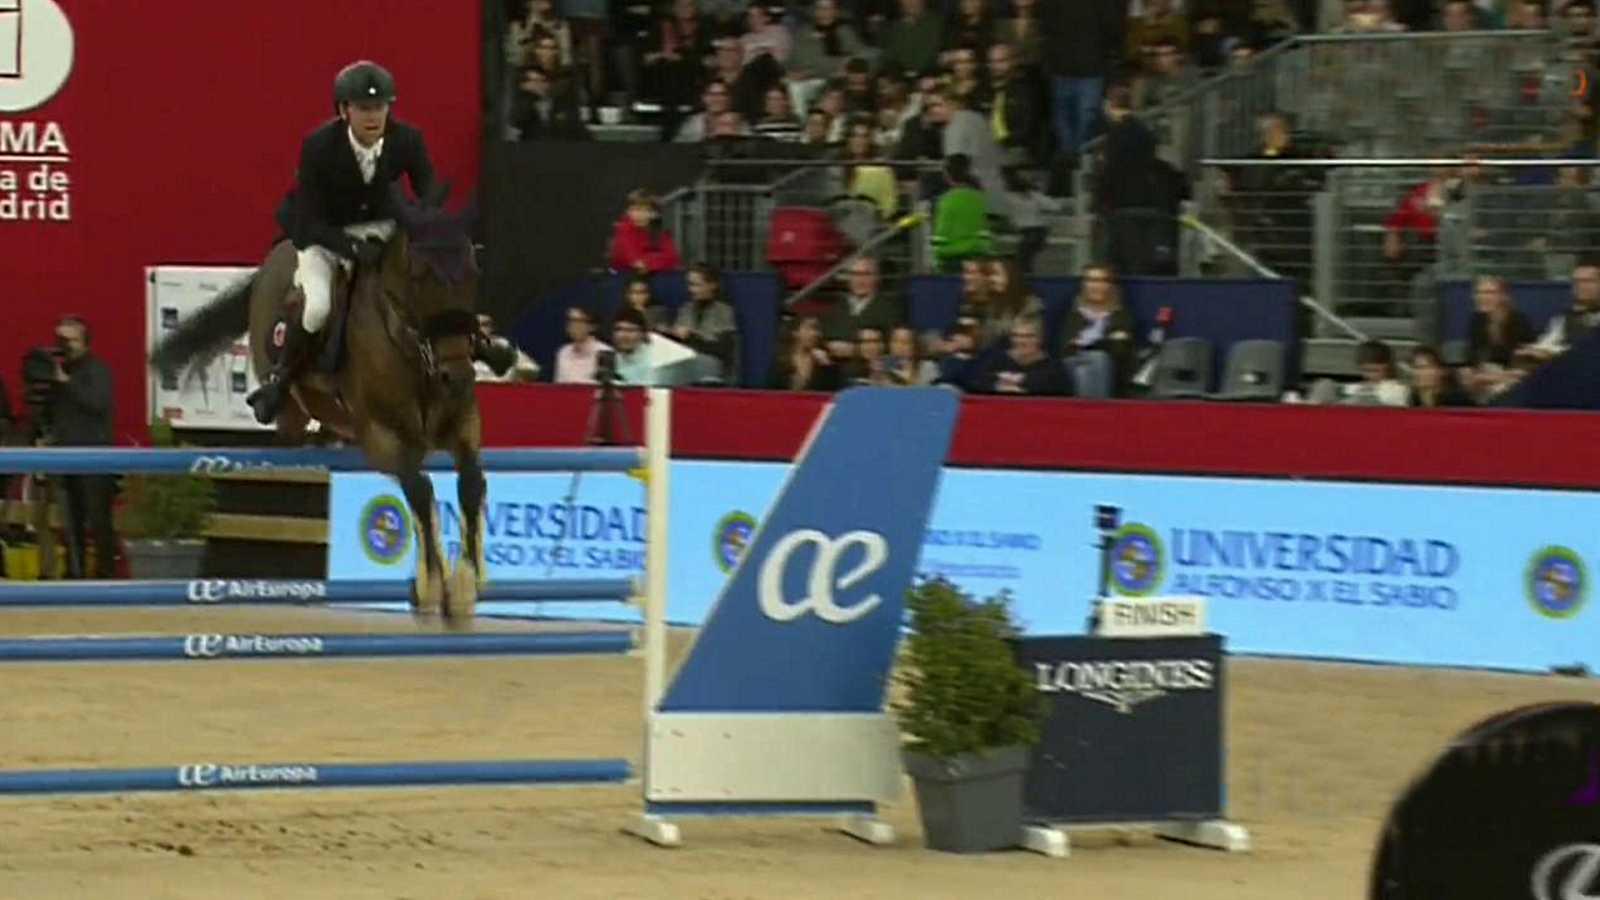 Hípica - Desde Madrid. Concurso de saltos Madrid Horse Week. Trofeo Universidad Alfonso X el Sabio - Manga ganadora 10 caballos - ver ahora